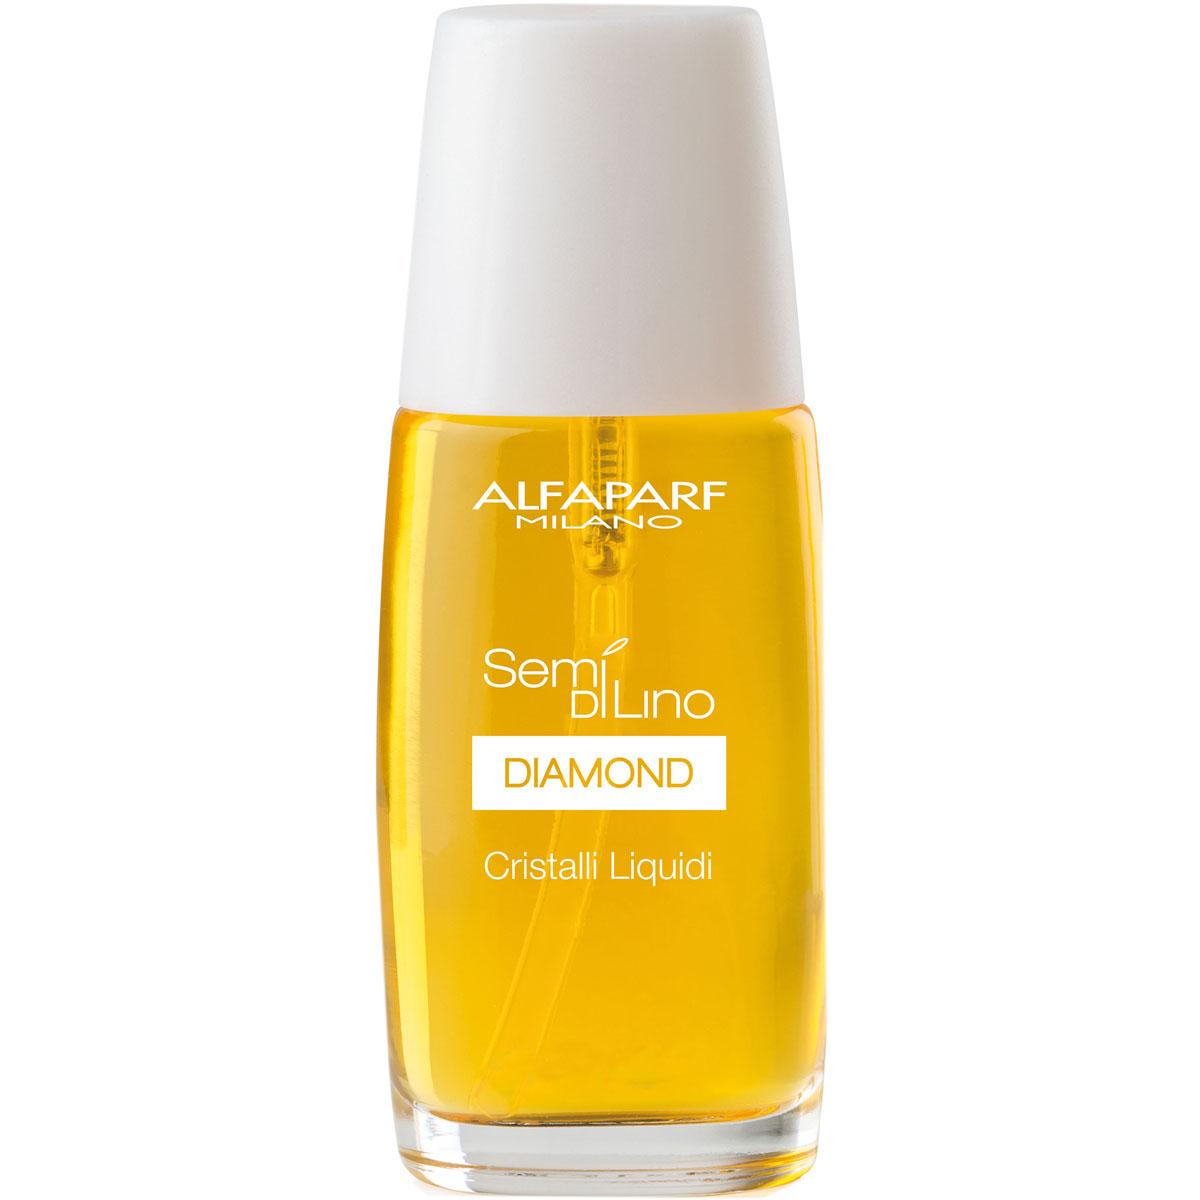 Alfaparf Масло для посеченных кончиков волос, придающее блеск Semi Di Lino Diamond Cristalli Liquidi 16 мл